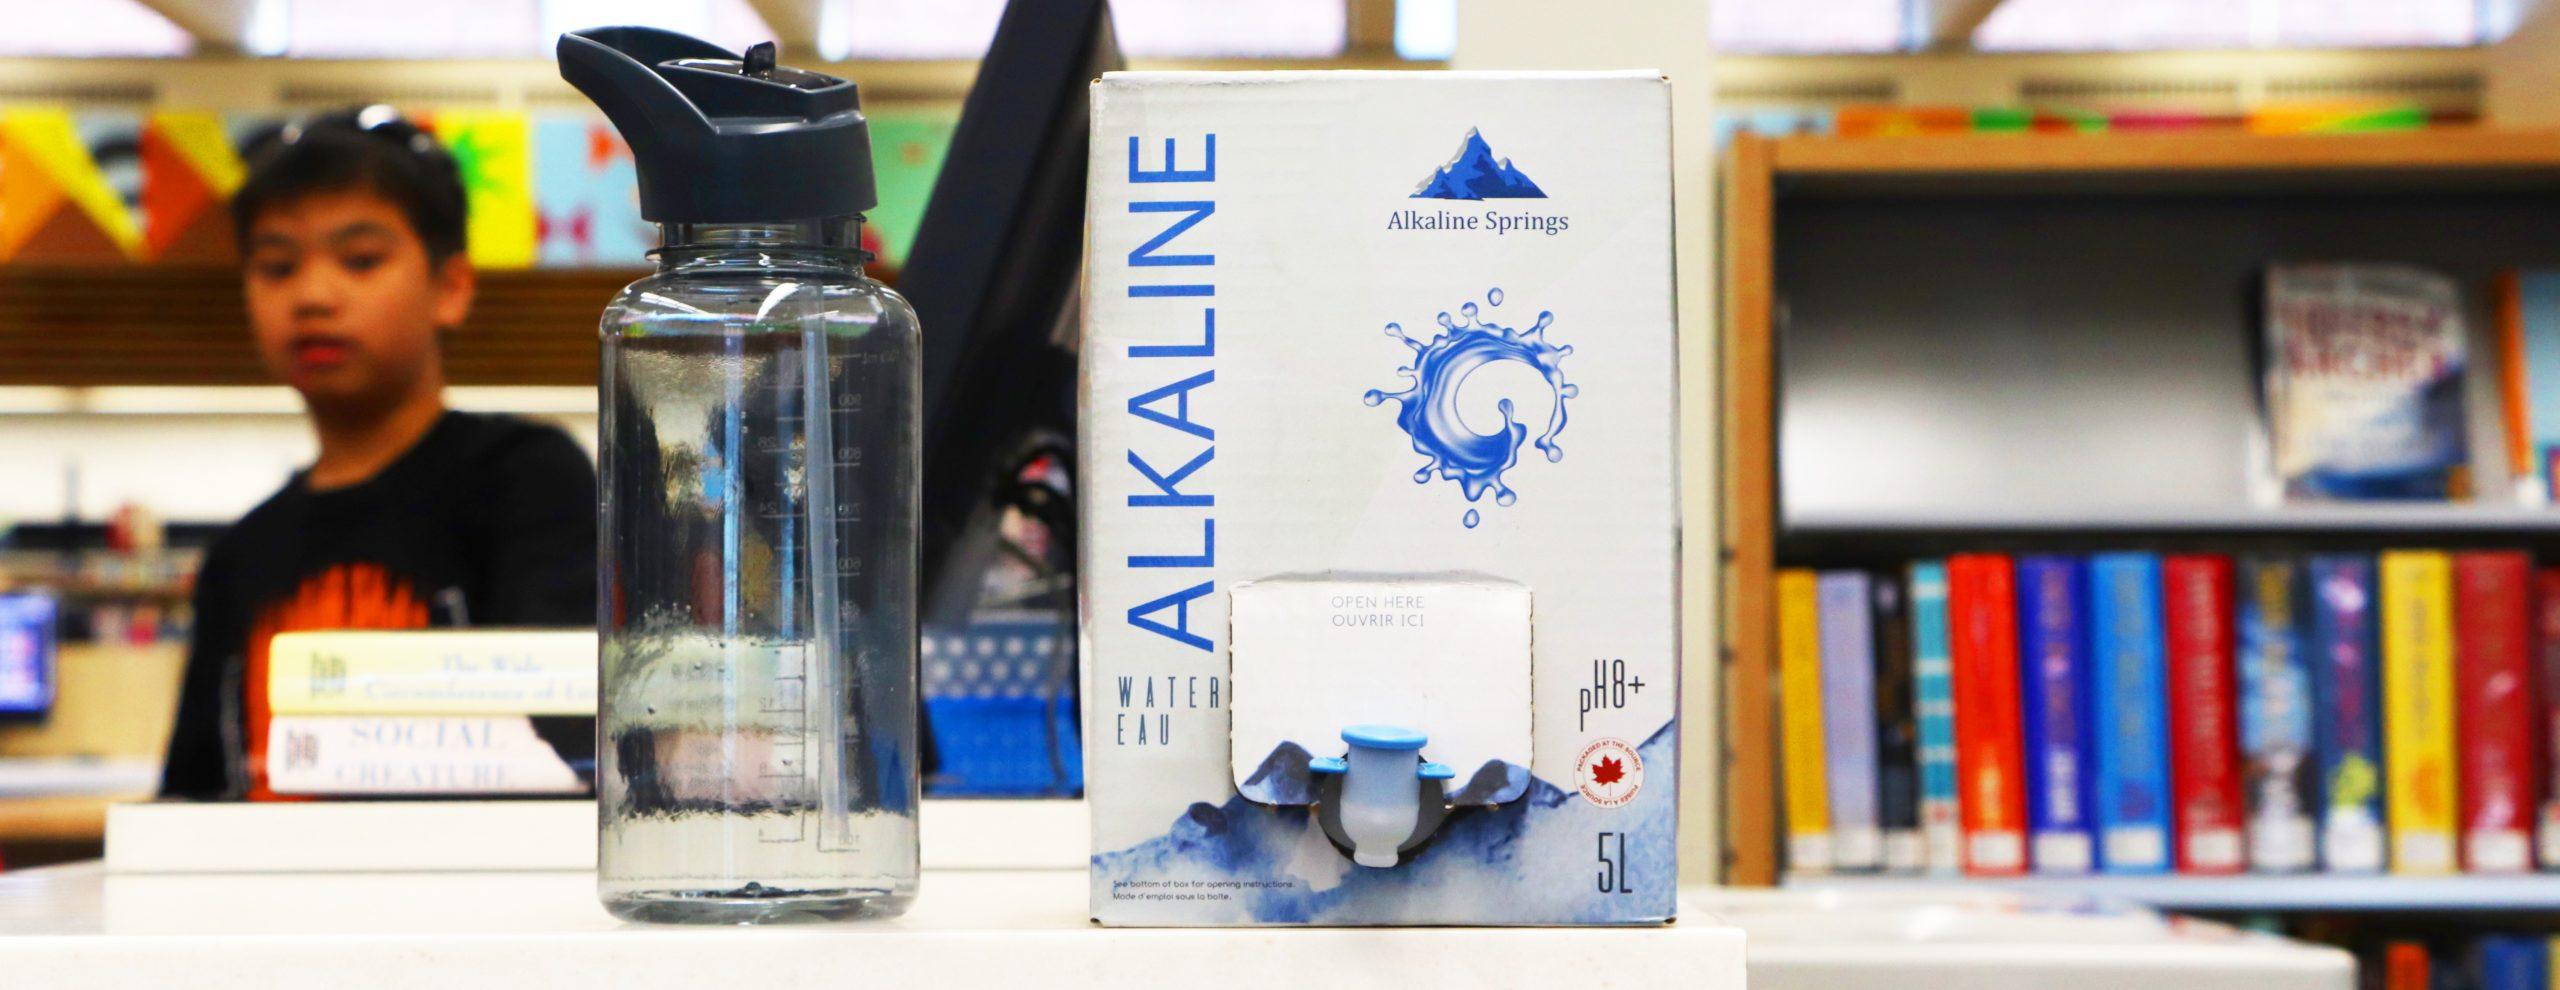 Alkaline Springs BIB